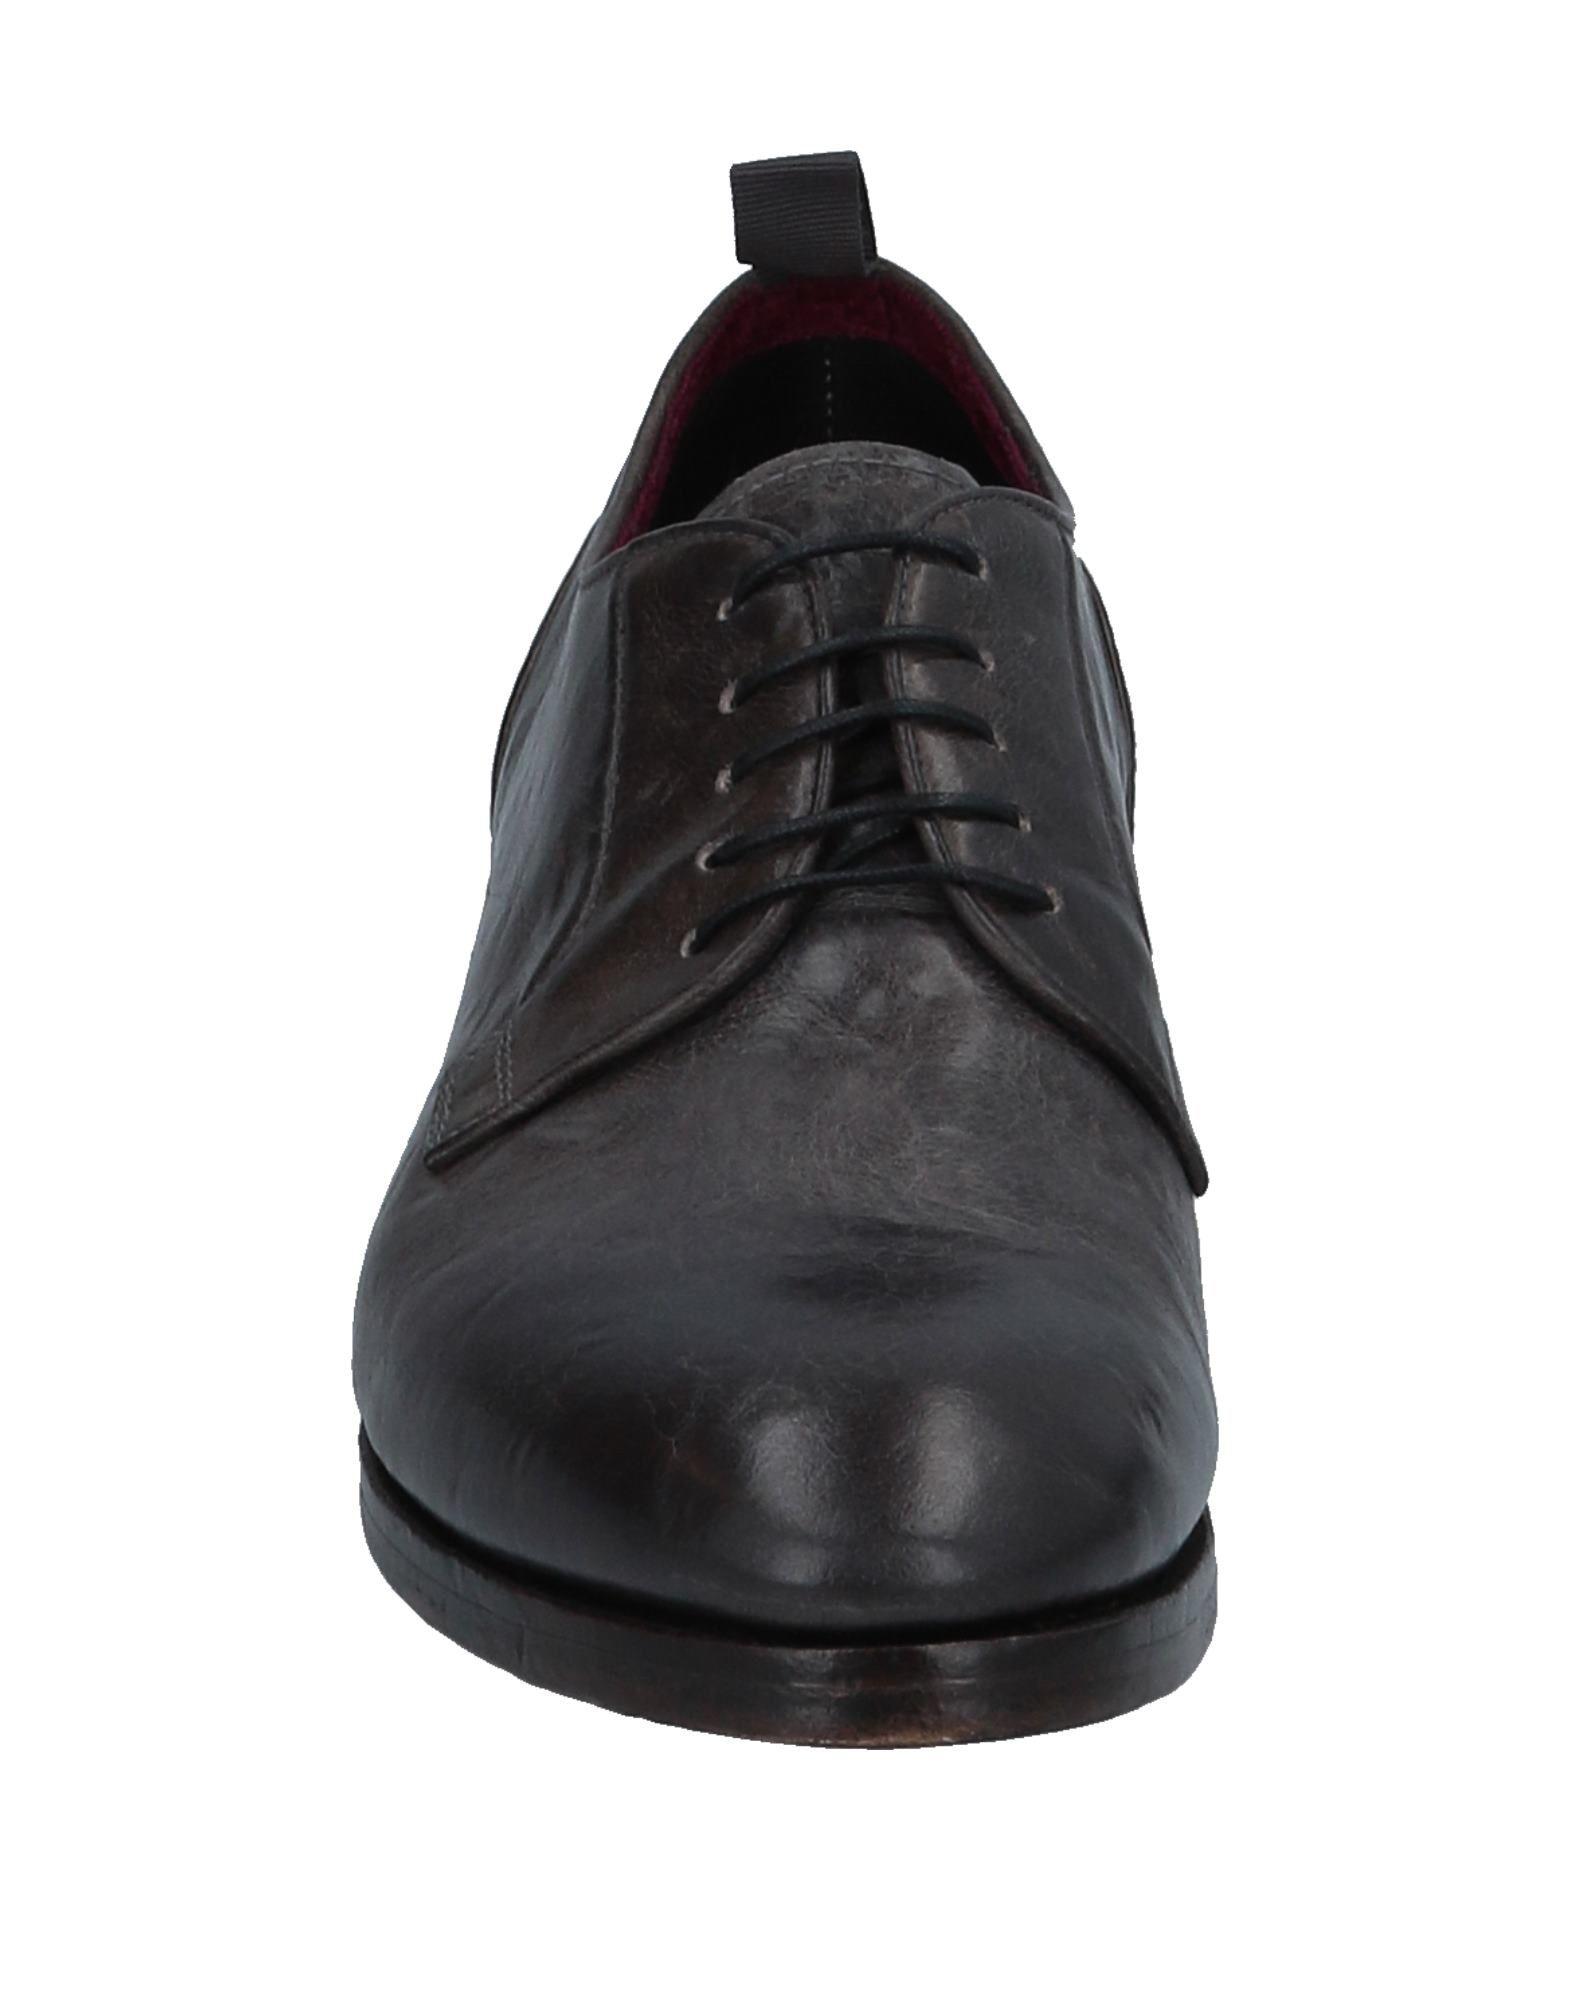 Barracuda Schnürschuhe Gute Herren  11532148VP Gute Schnürschuhe Qualität beliebte Schuhe 347427